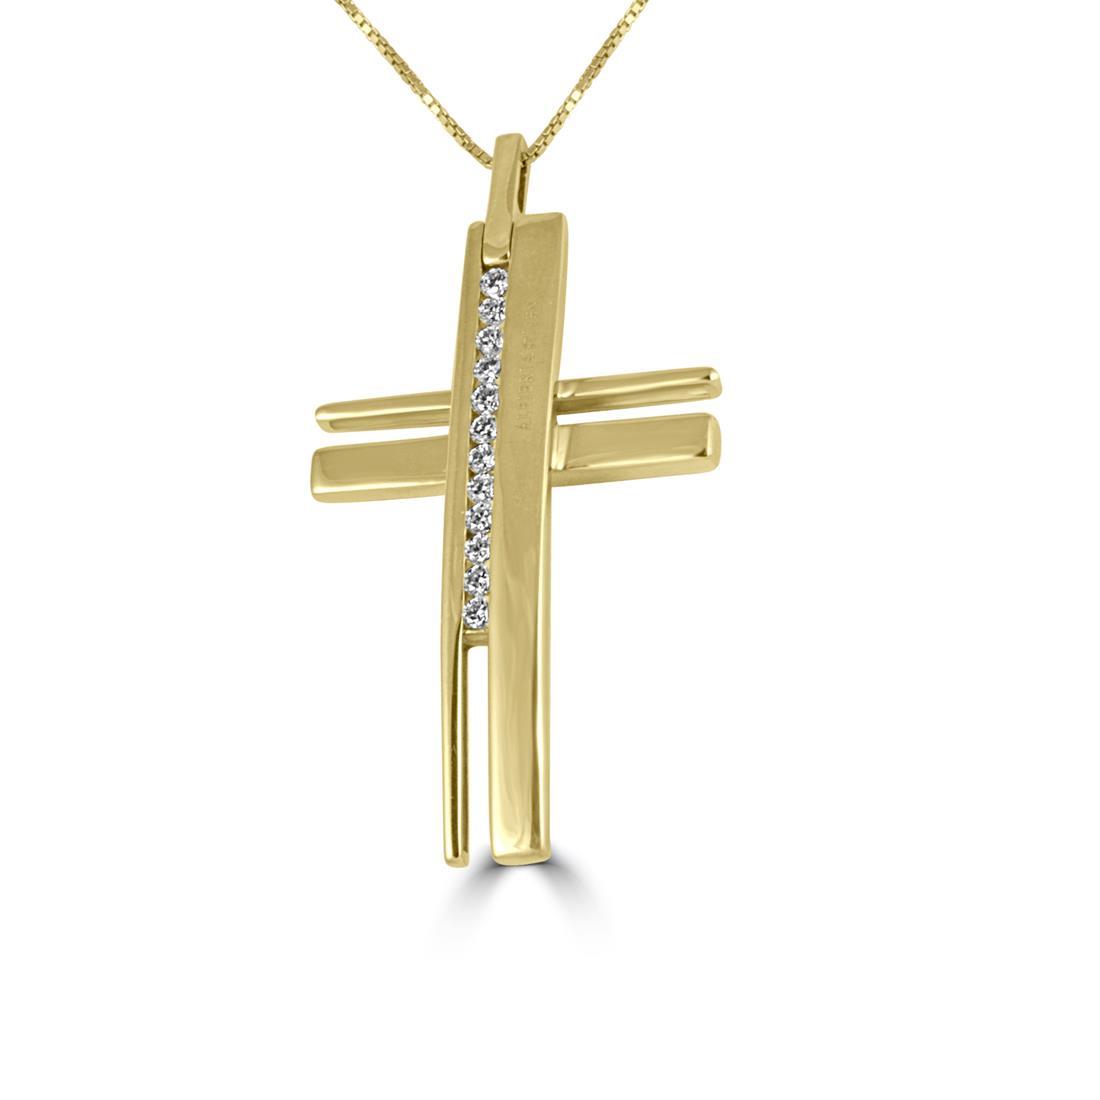 Acquista il collier Alfieri & St John in oro giallo con diamanti ct 0,49 colore H - ALFIERI ST JOHN